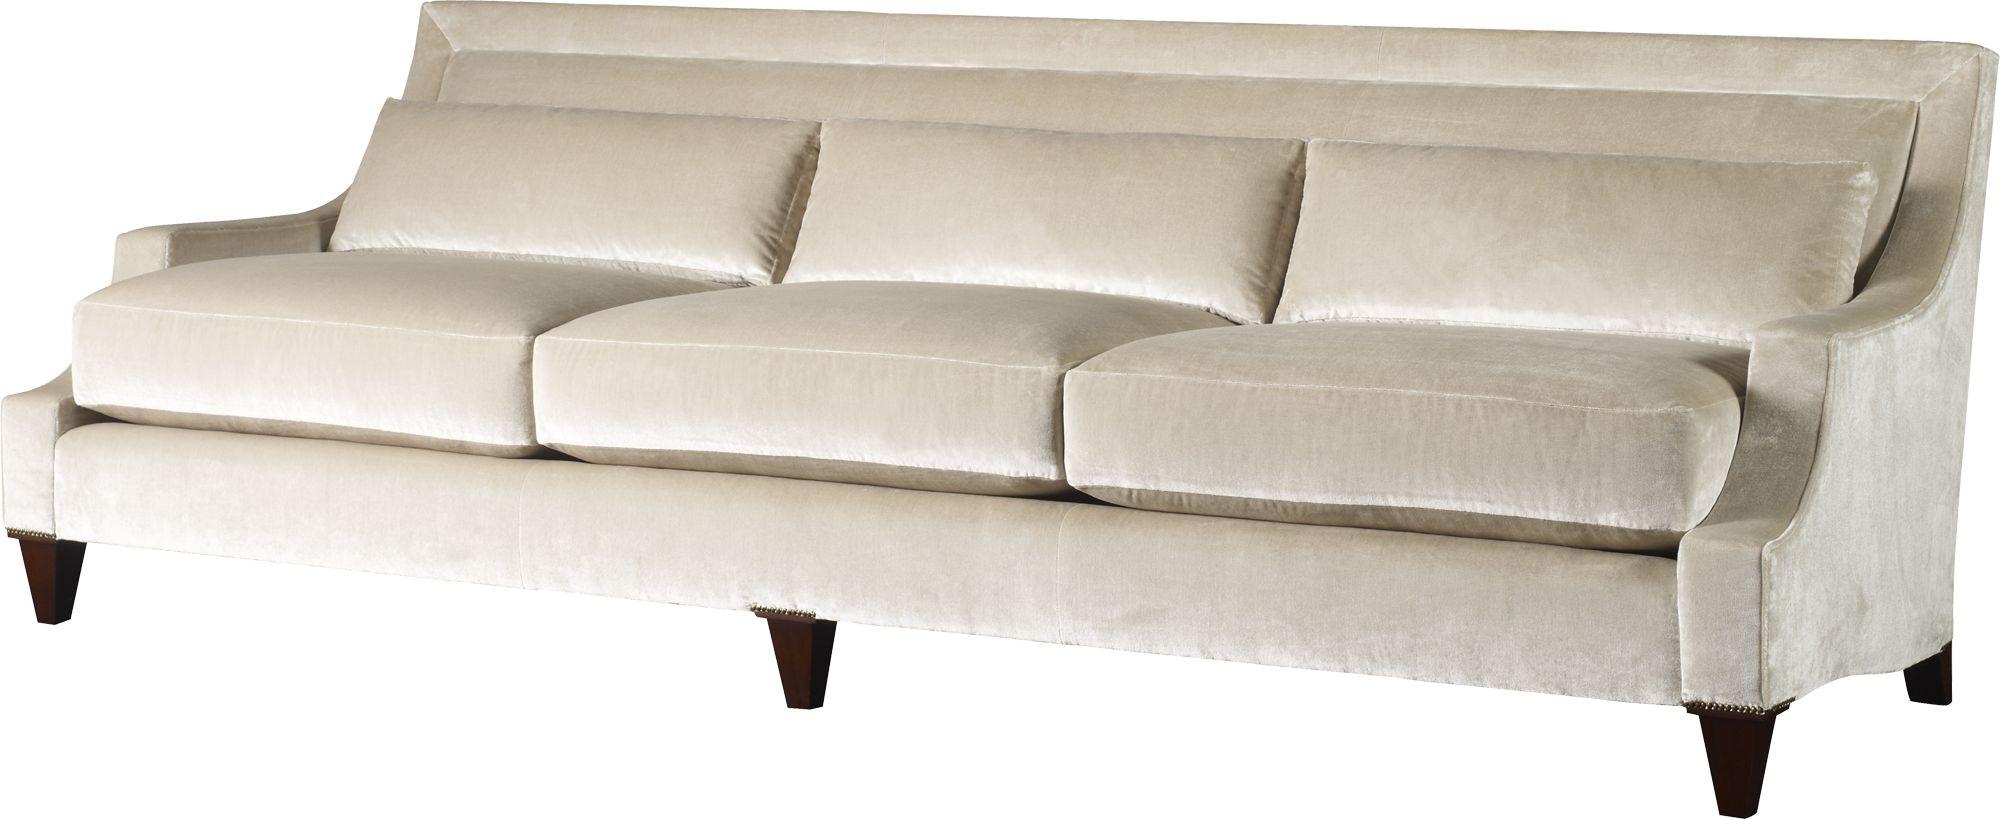 Baker Furniture Thomas Pheasant|Baker Designer Upholstery Max Sofa 6130S